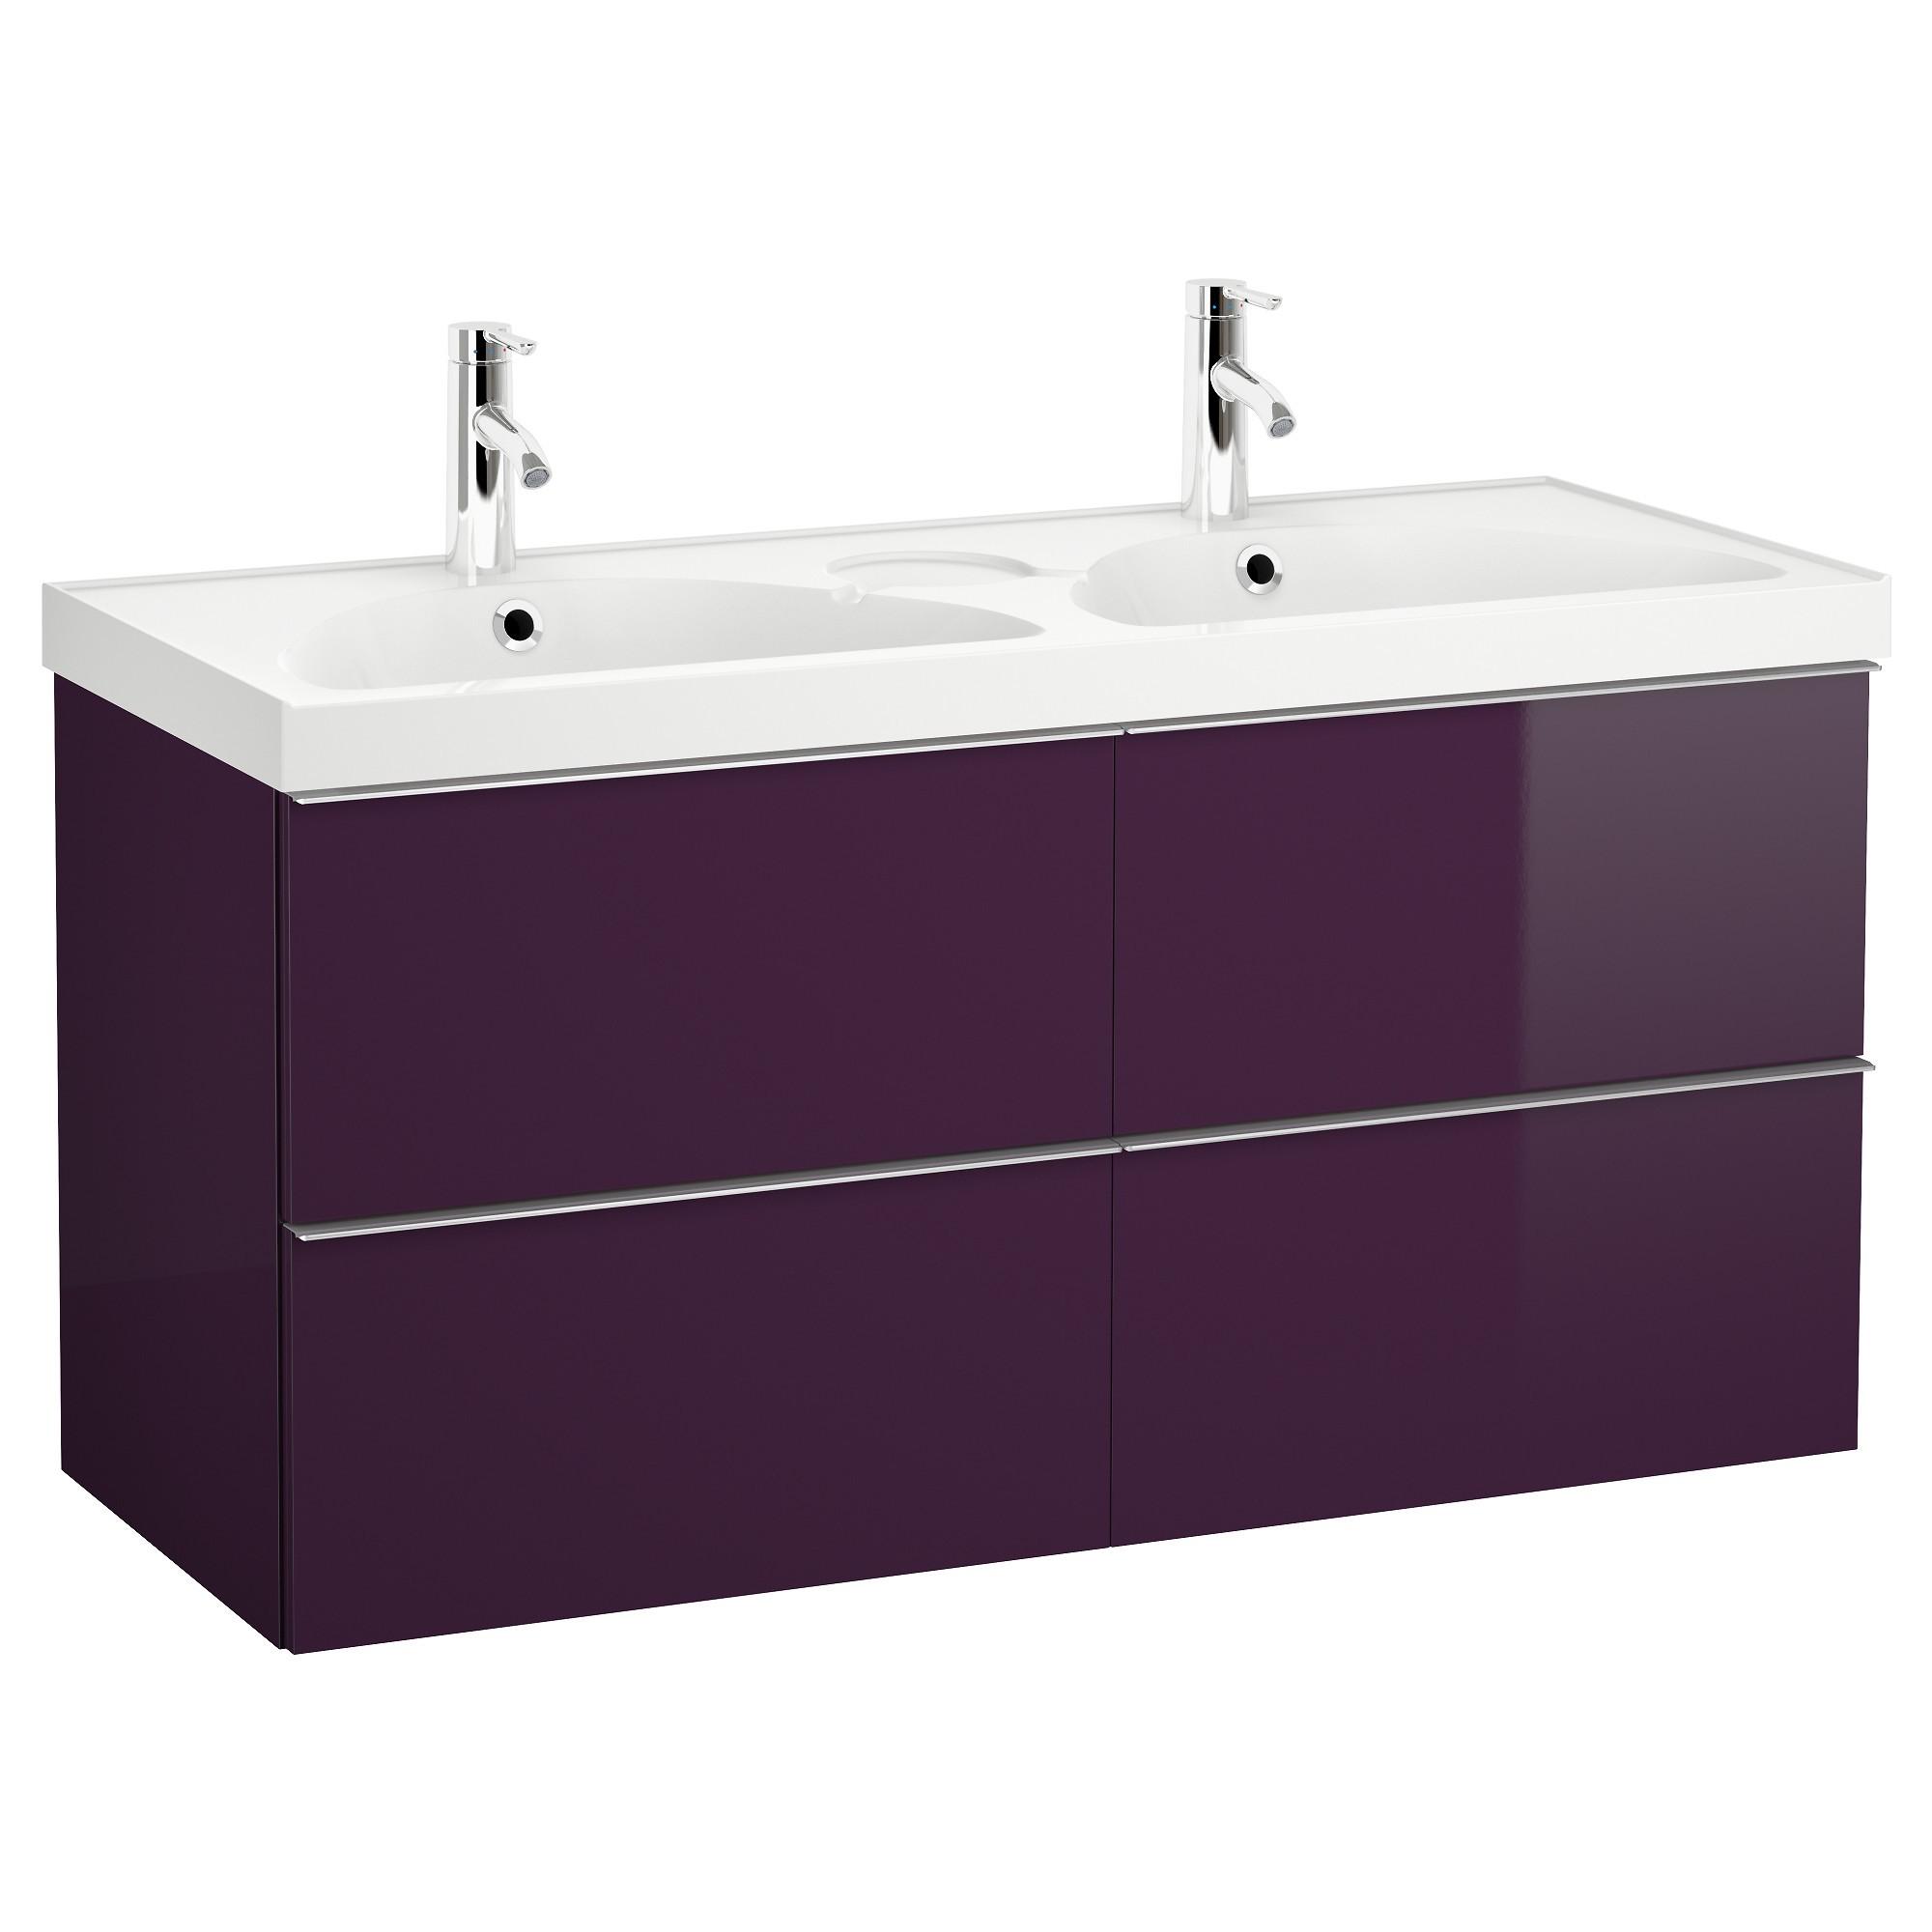 Meuble Salle De Bain Deux Vasques Ikea